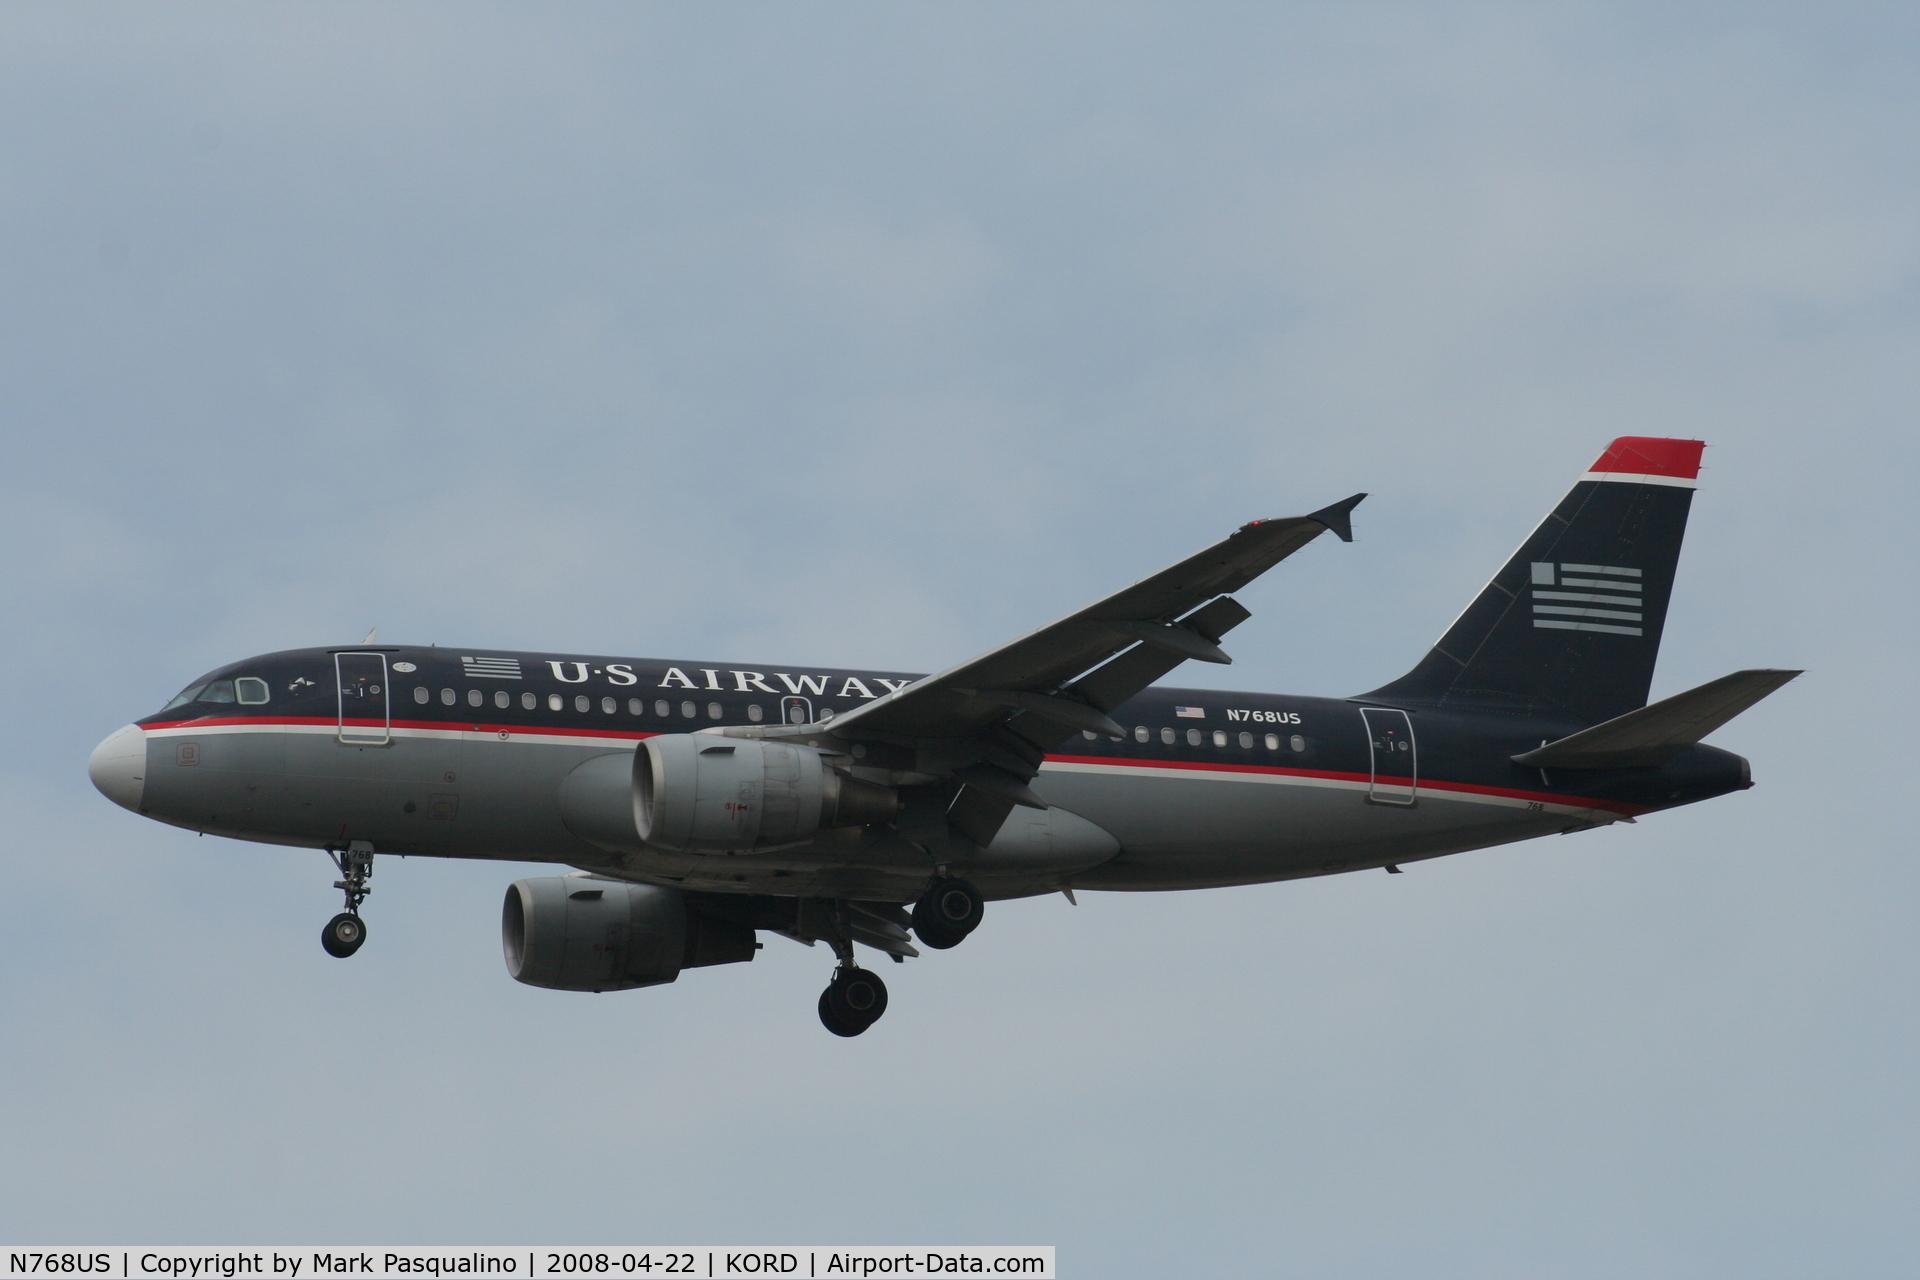 N768US, 2000 Airbus A319-112 C/N 1389, Airbus A319